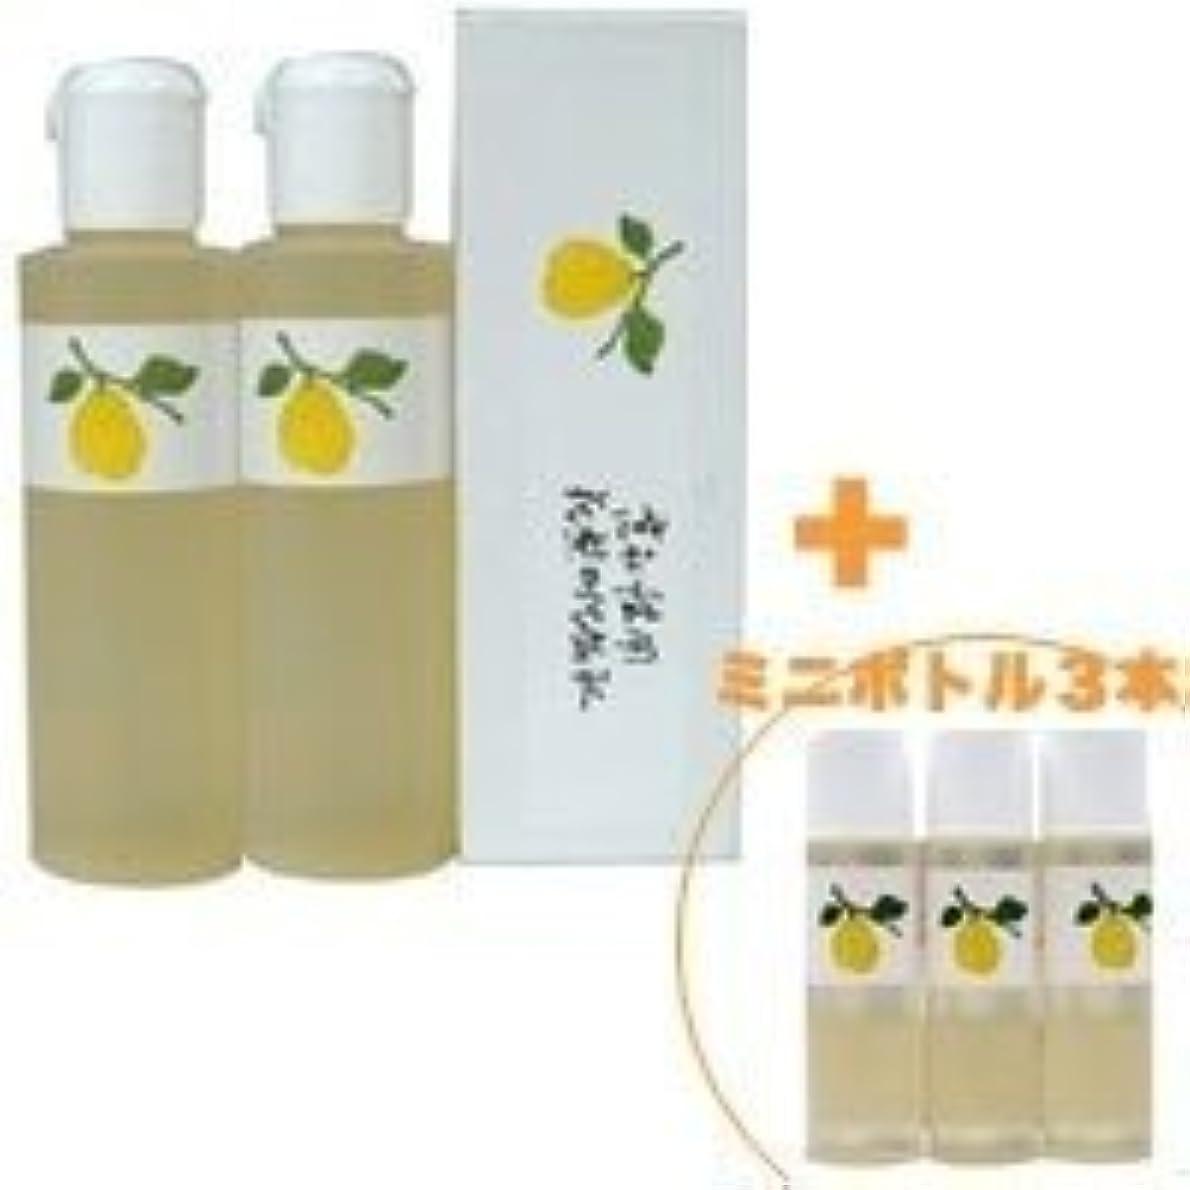 の頭の上同行する苦難花梨の化粧水 200ml 2本&ミニボトル 3本 美容液 栄養クリームのいらないお肌へ 保湿と乾燥対策に